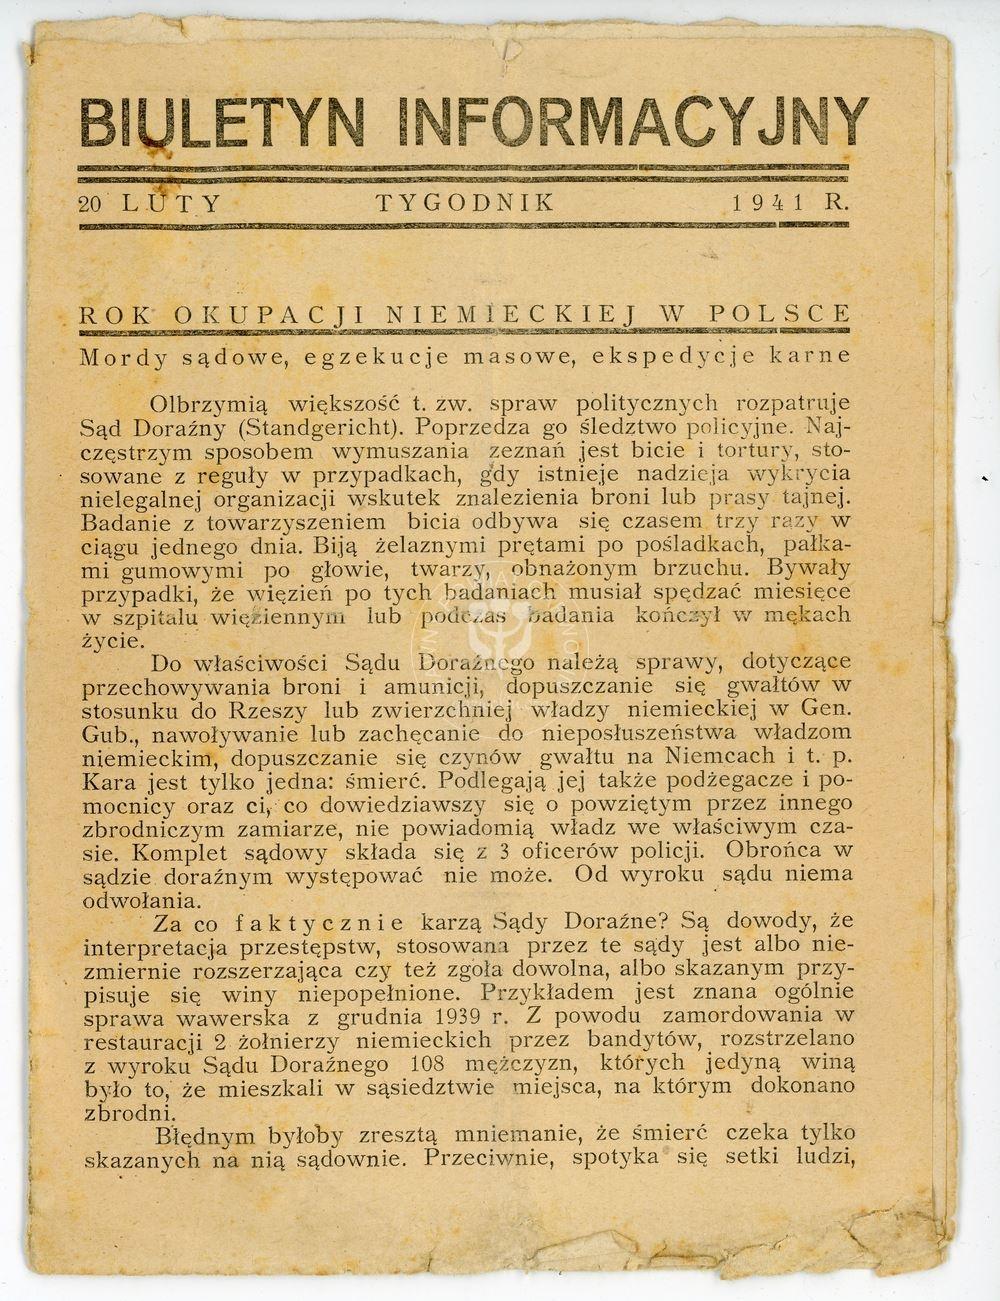 BIULETYN_INFORMACYJNY_20_LUTY_1941_001 (garwolin.org)